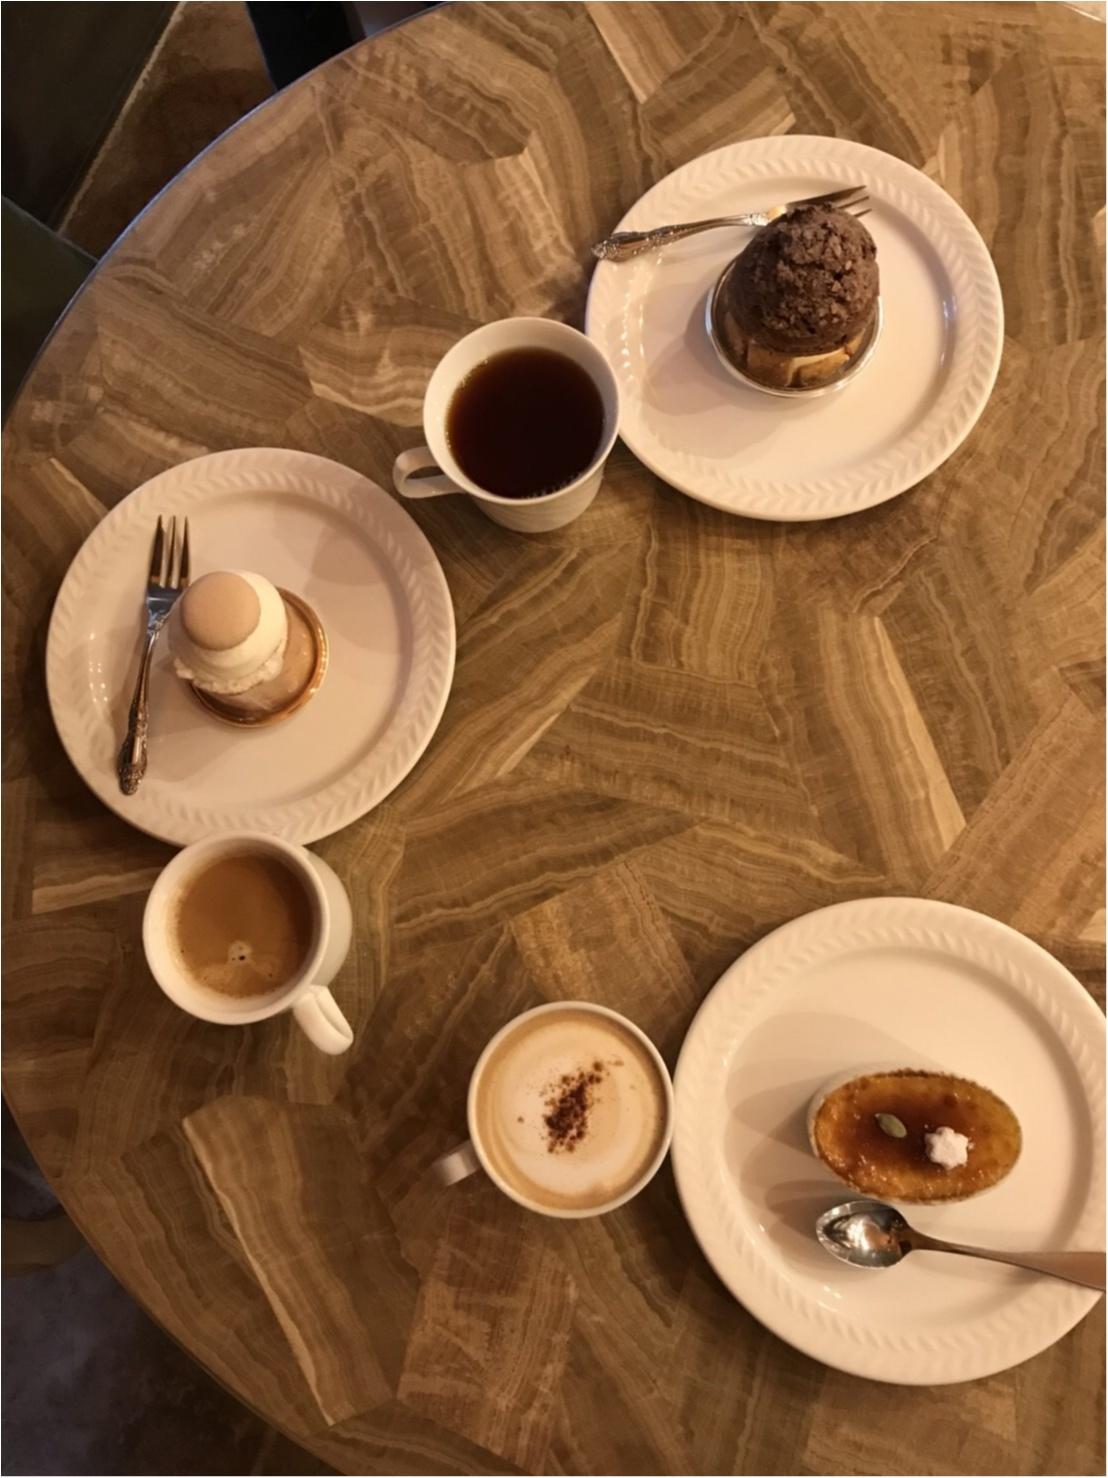 【カフェ巡り】まるでジブリの世界♡フォトジェニックな可愛いスポット『ぬくもりの森』 ~浜松おしゃれカフェ巡り①~_4